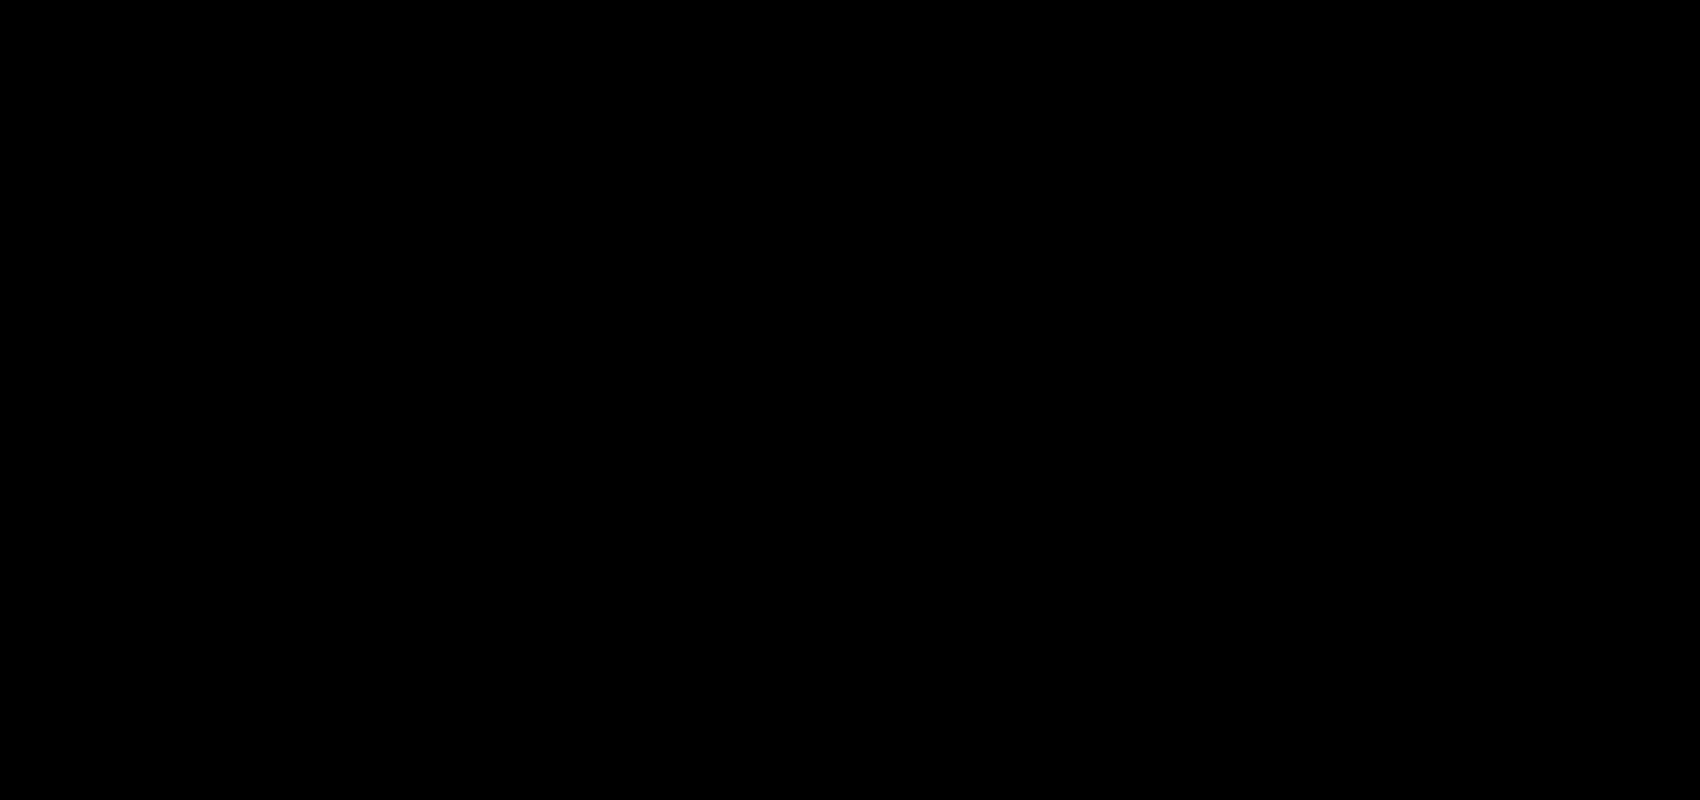 In8 Logic Logo (New) Black